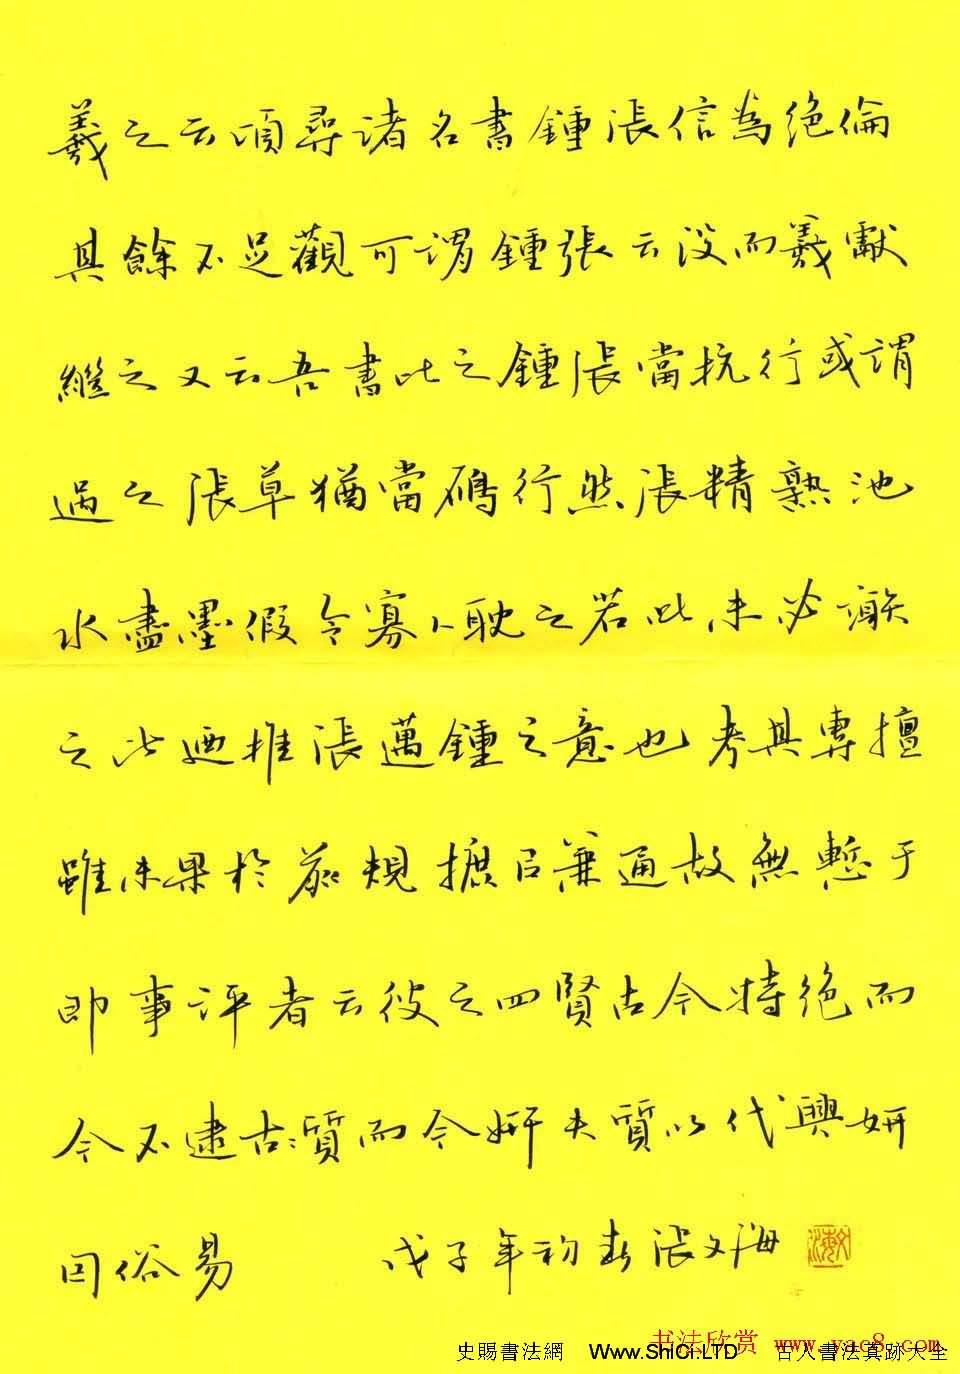 優秀硬筆書法行書作品真跡欣賞(共8張圖片)